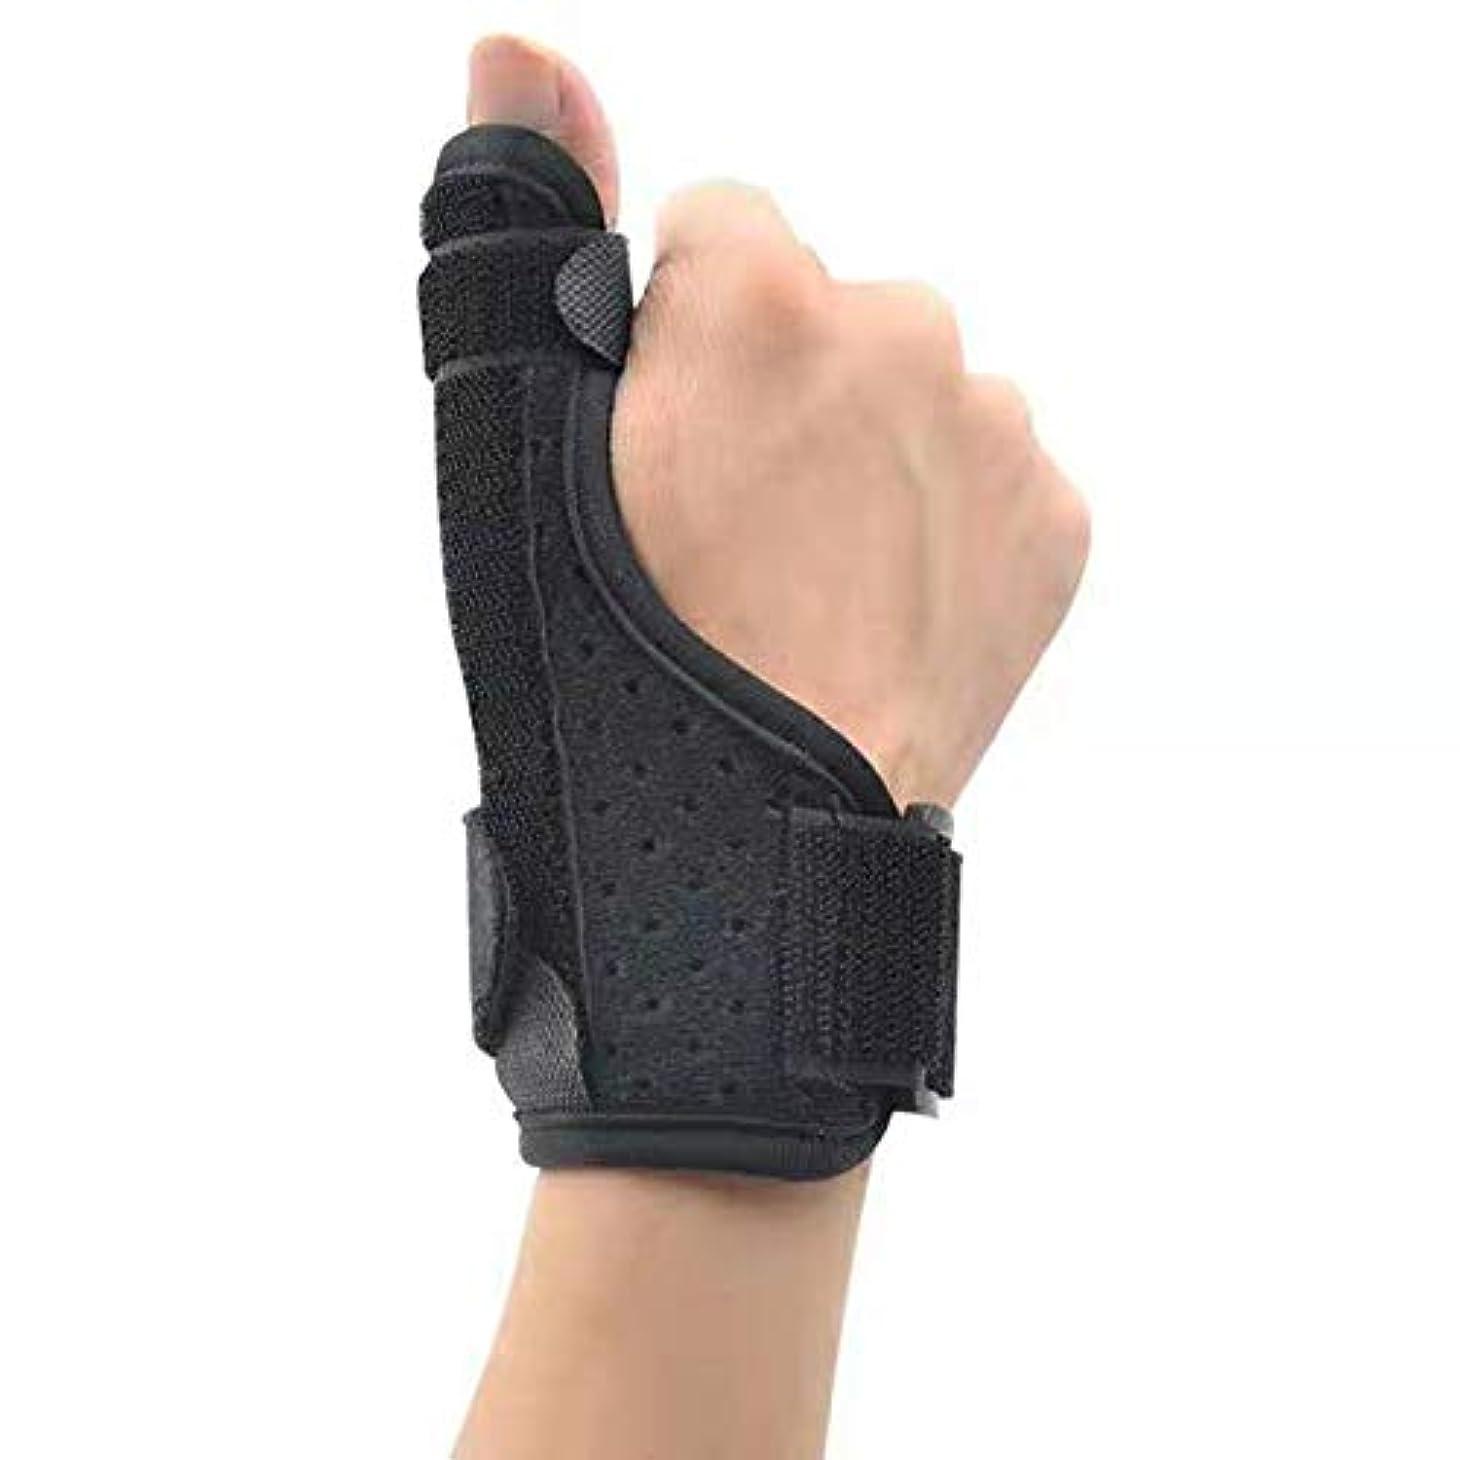 聖なるメンター解明する腱鞘炎トリガー手根管人の女性のために修正された唯一の1個手首のサポートサムスプリント手首ブレース指アーマー親指捻挫破壊